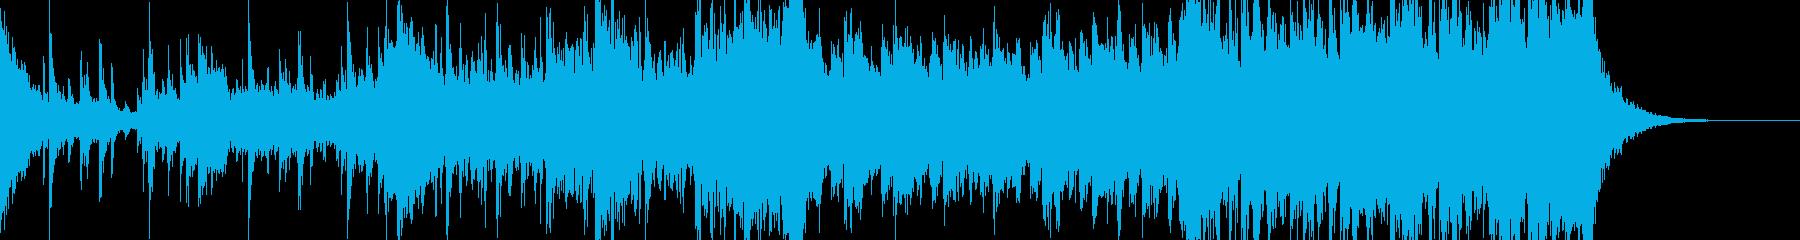 ストリング主体のシネマティックなジングルの再生済みの波形